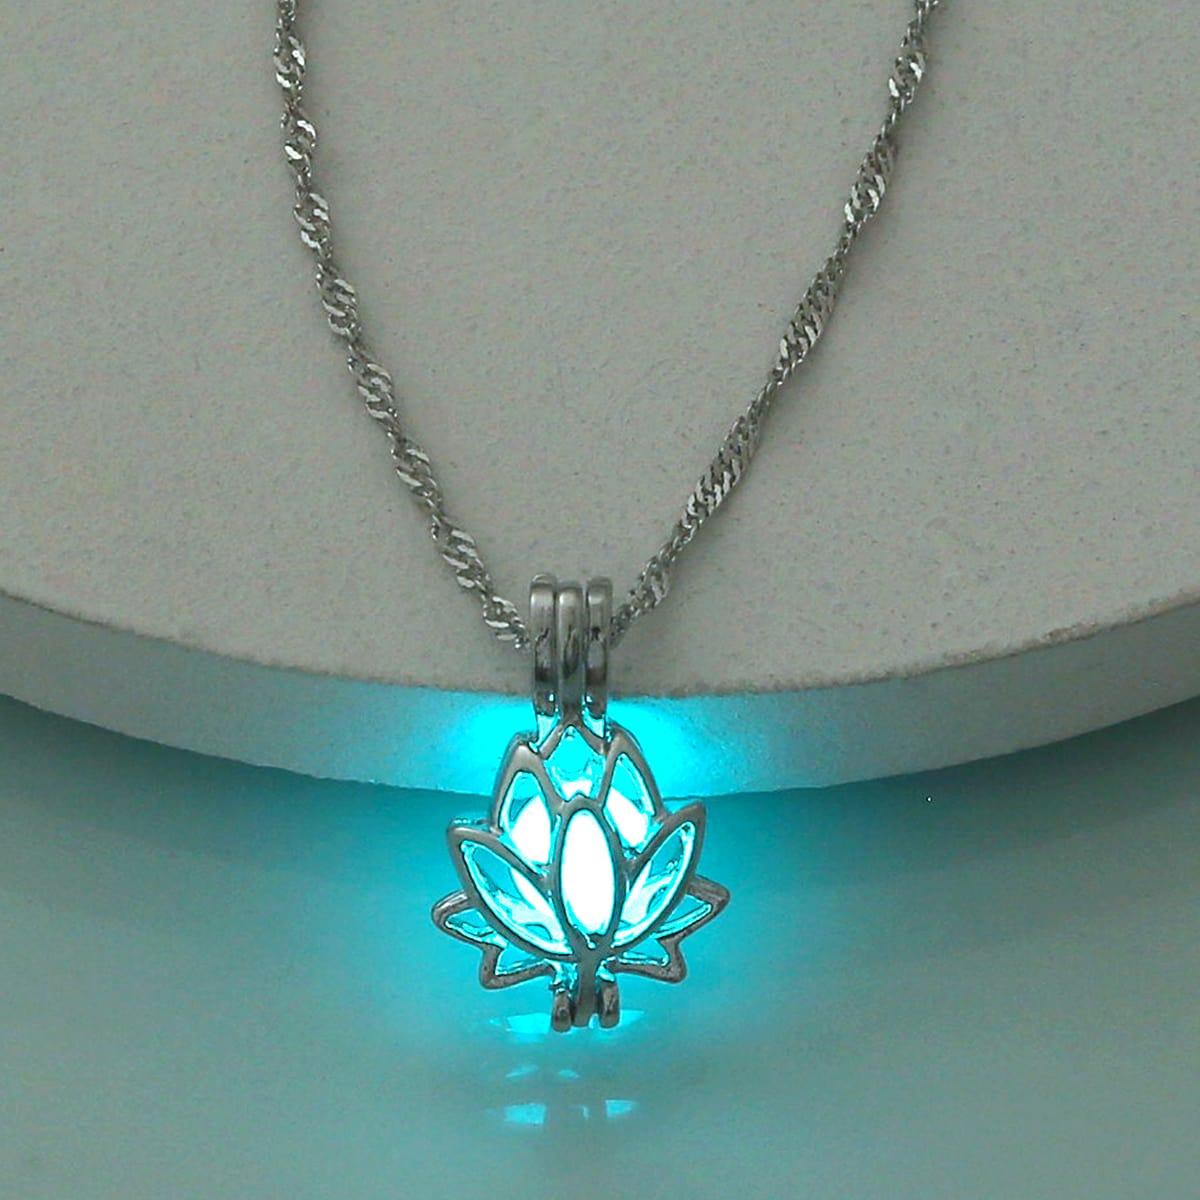 Halskette mit im Dunkeln leuchtenden Blumen Dekor